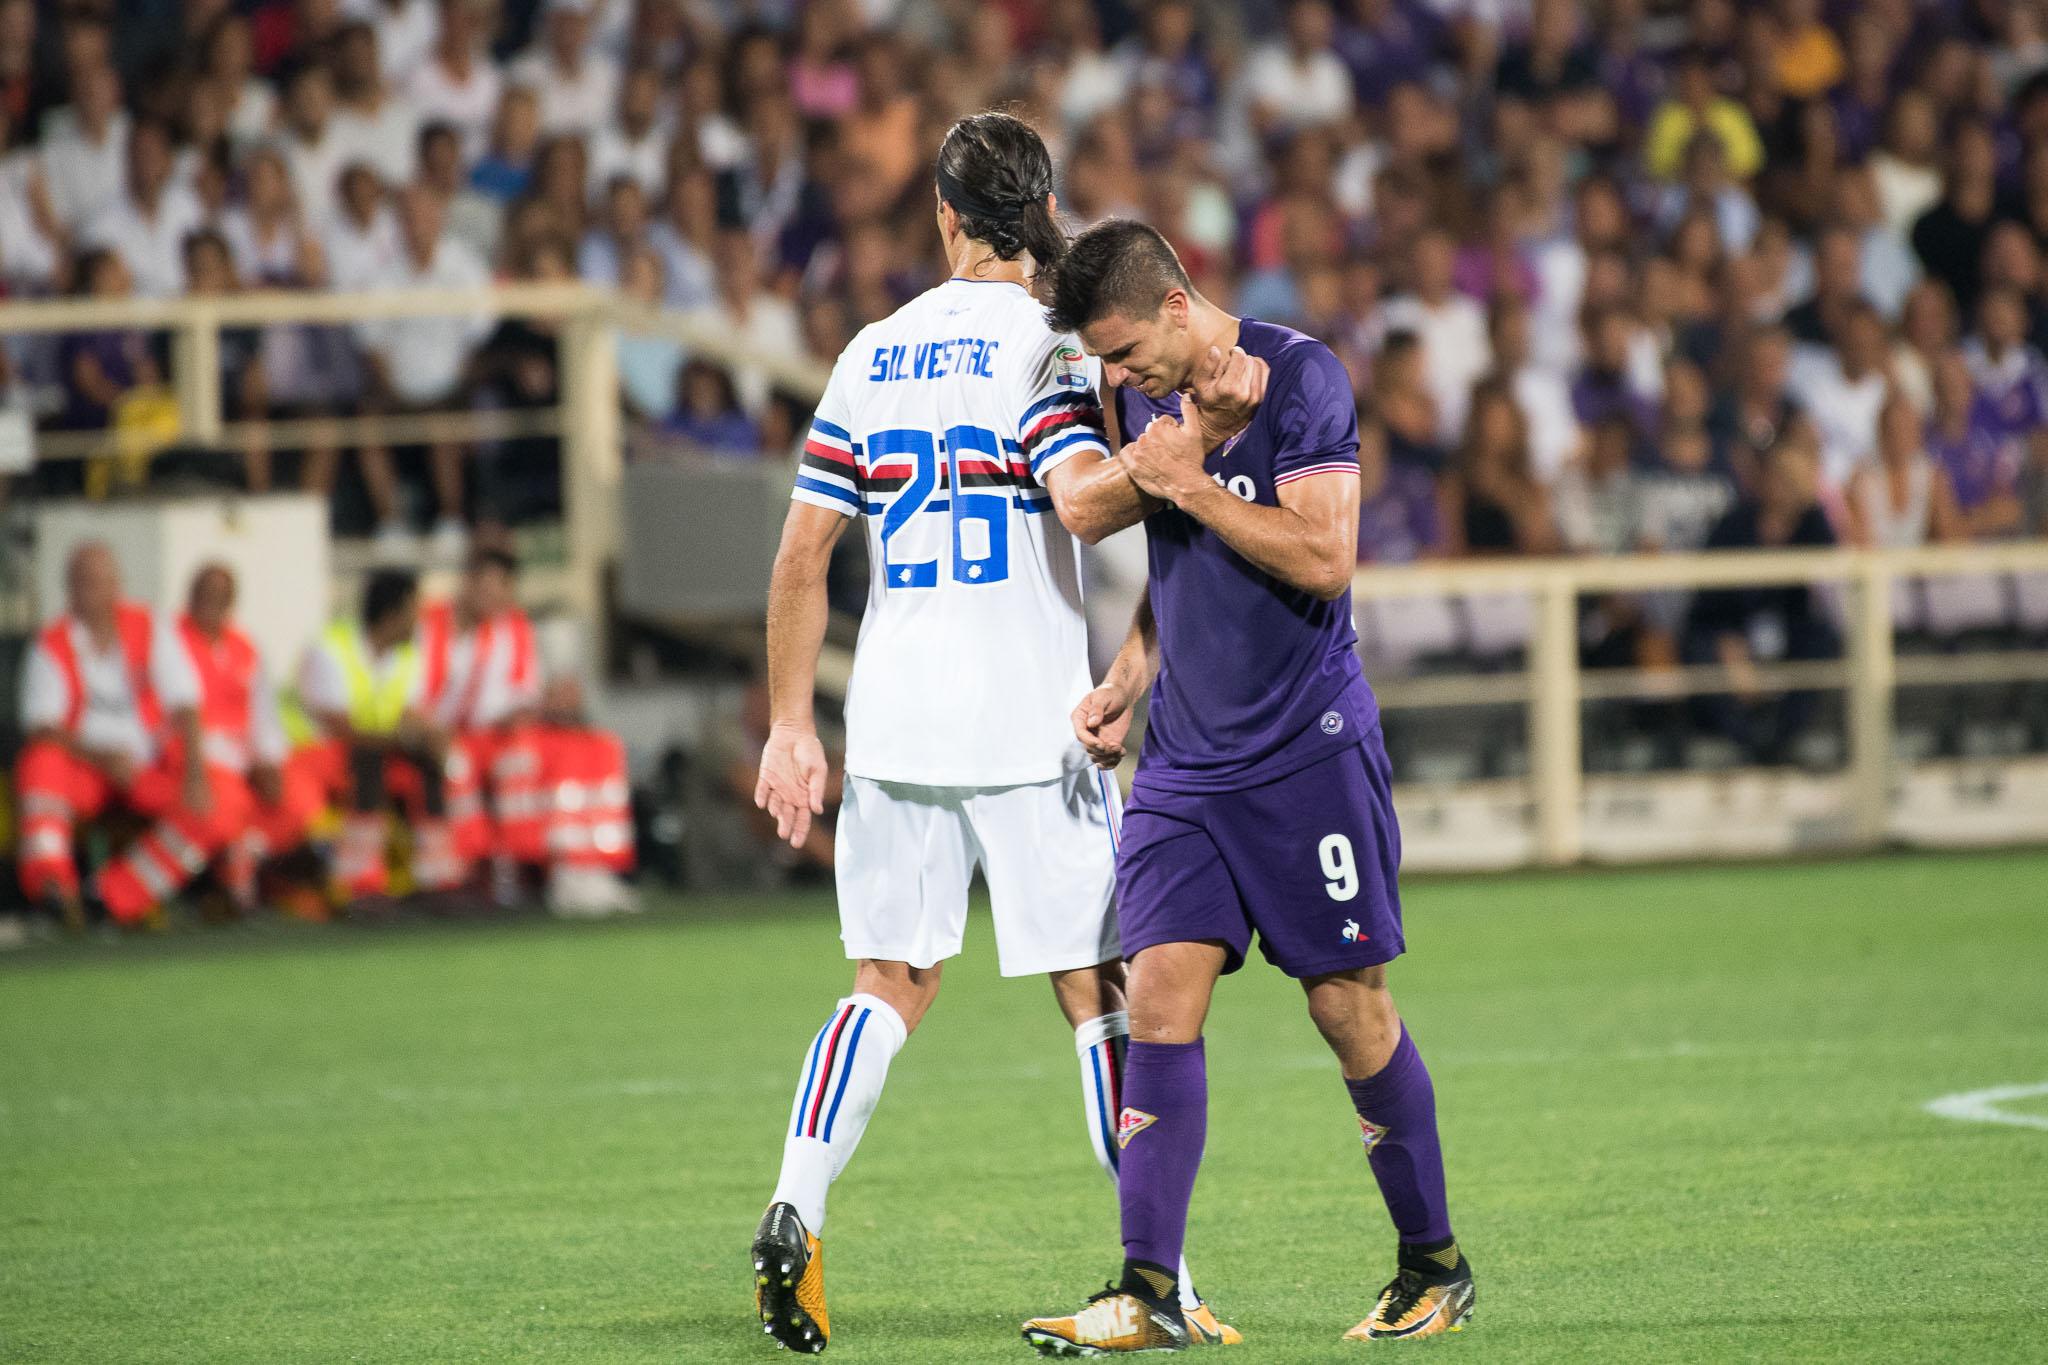 La Repubblica: la Fiorentina a Verona con una missione, fuggire dallo zero in classifica